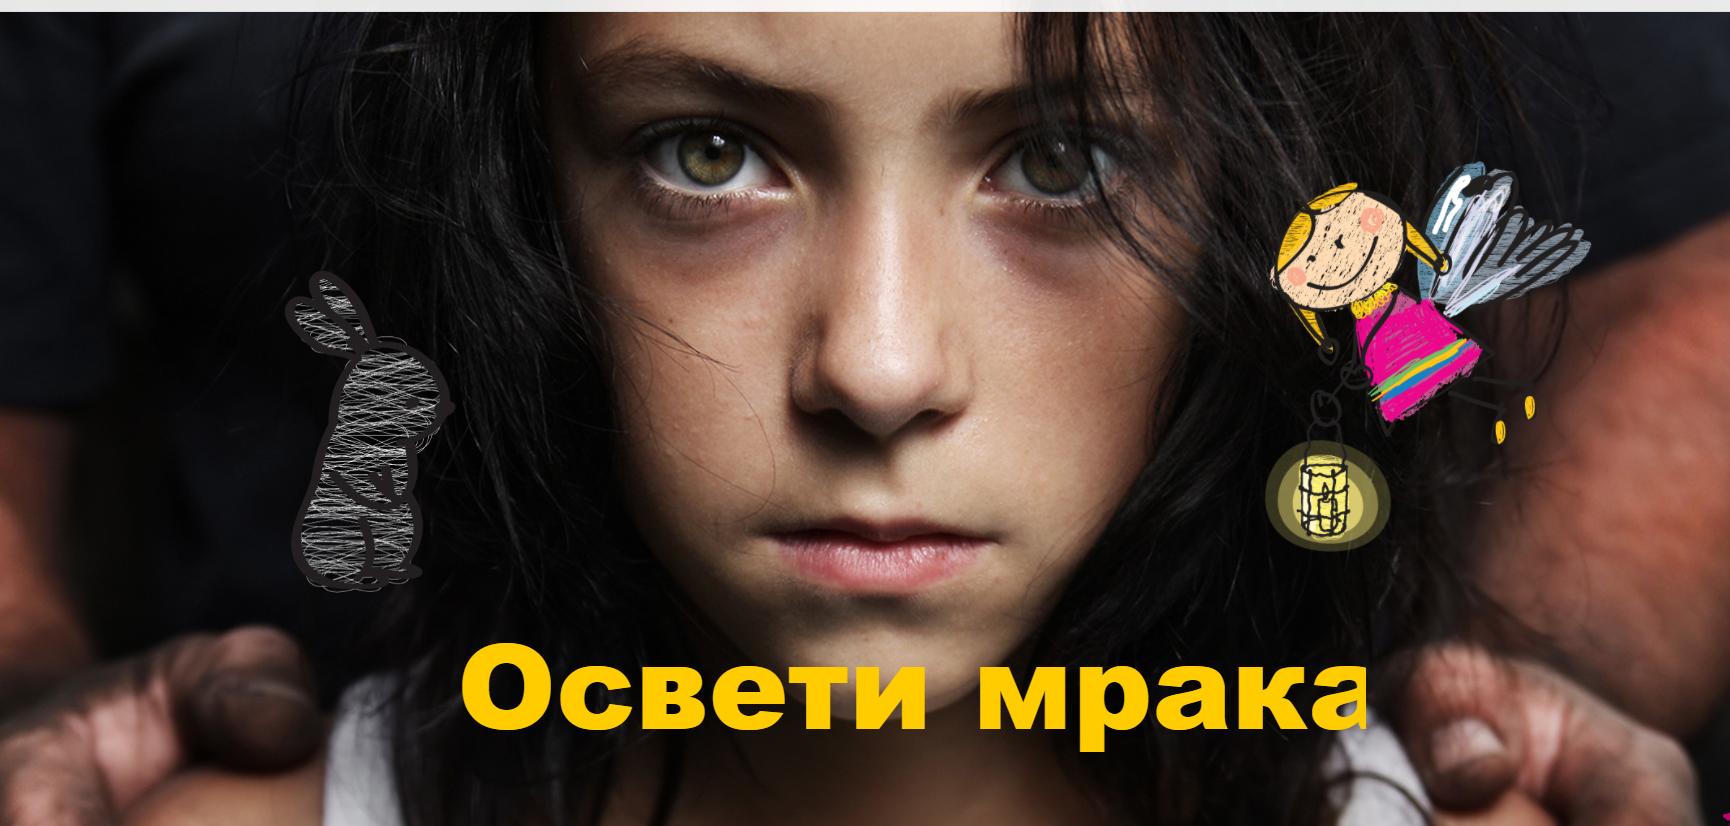 Ръководство за учители по правата на децата и превенция на трафик на деца с цел сексуална експлоатация